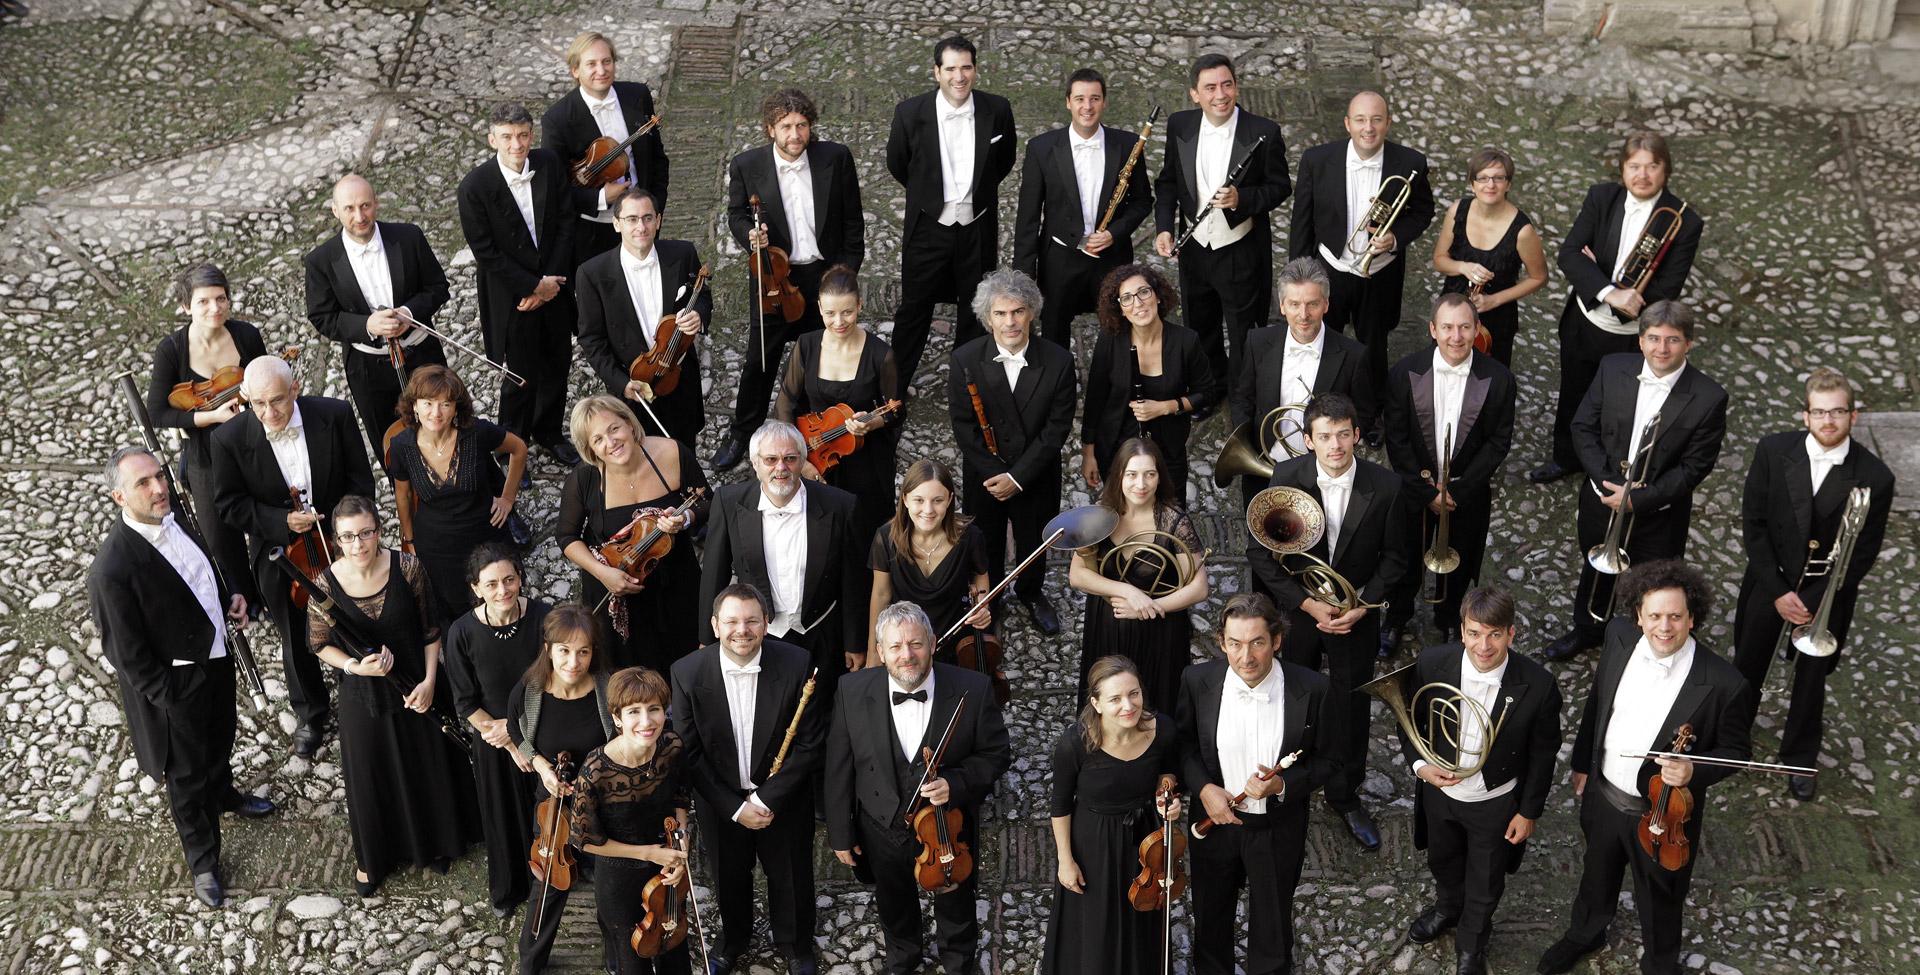 Argippo par Fabio Biondi : du sérieux Vivaldi